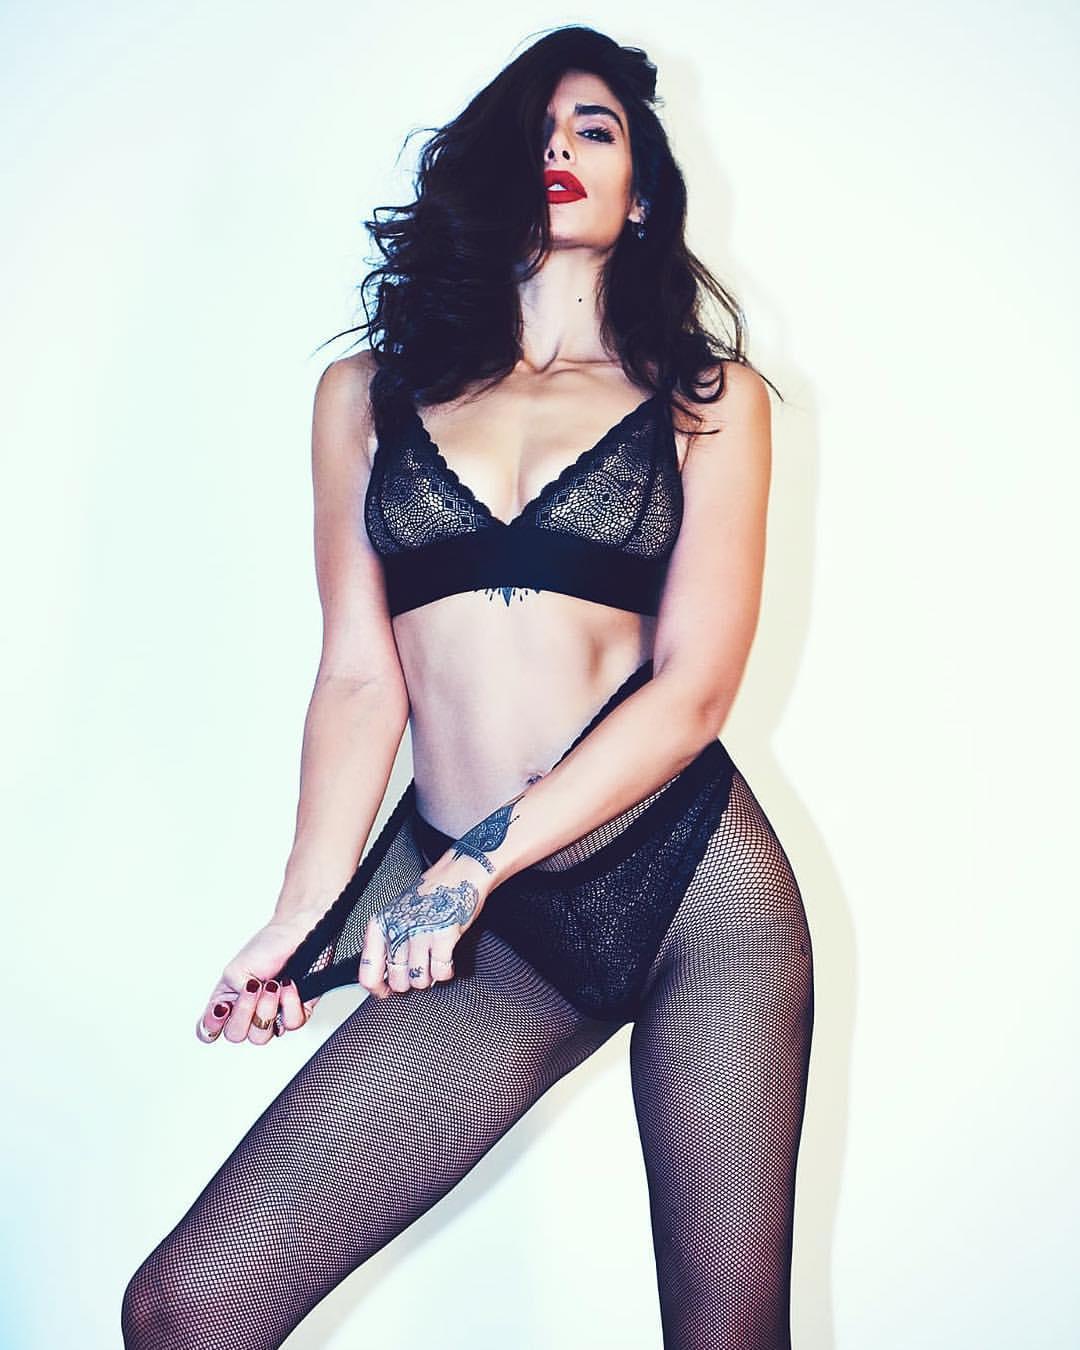 Negzzia en lingerie